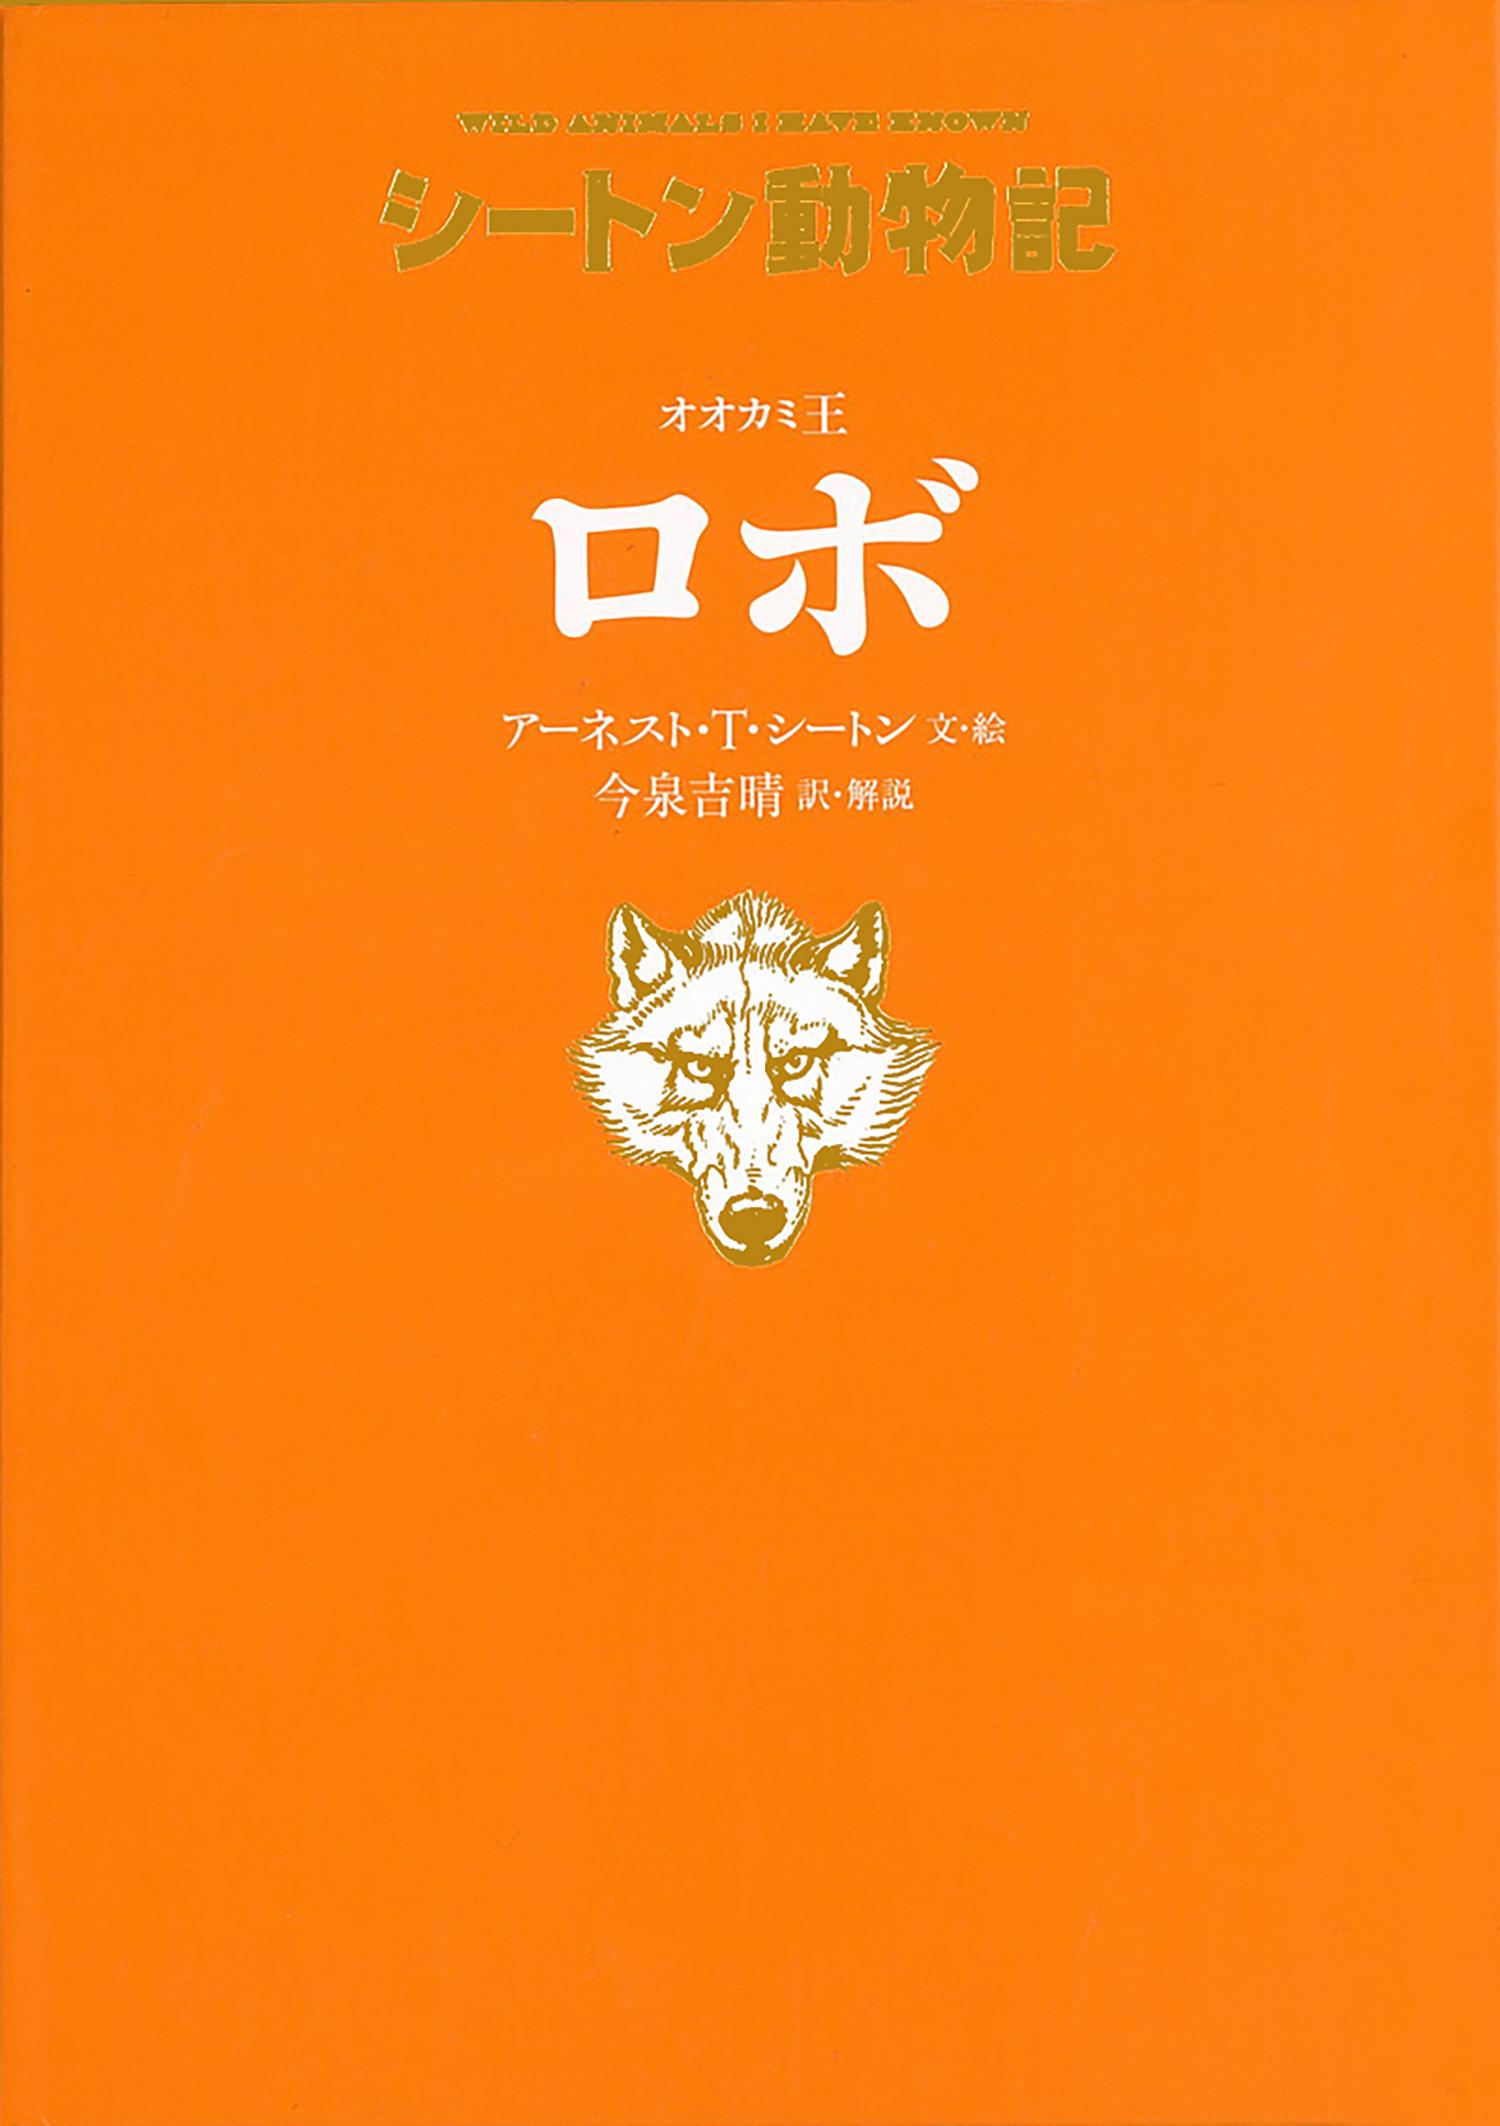 オオカミ王 ロボ[図書館版]童心社メールマガジン